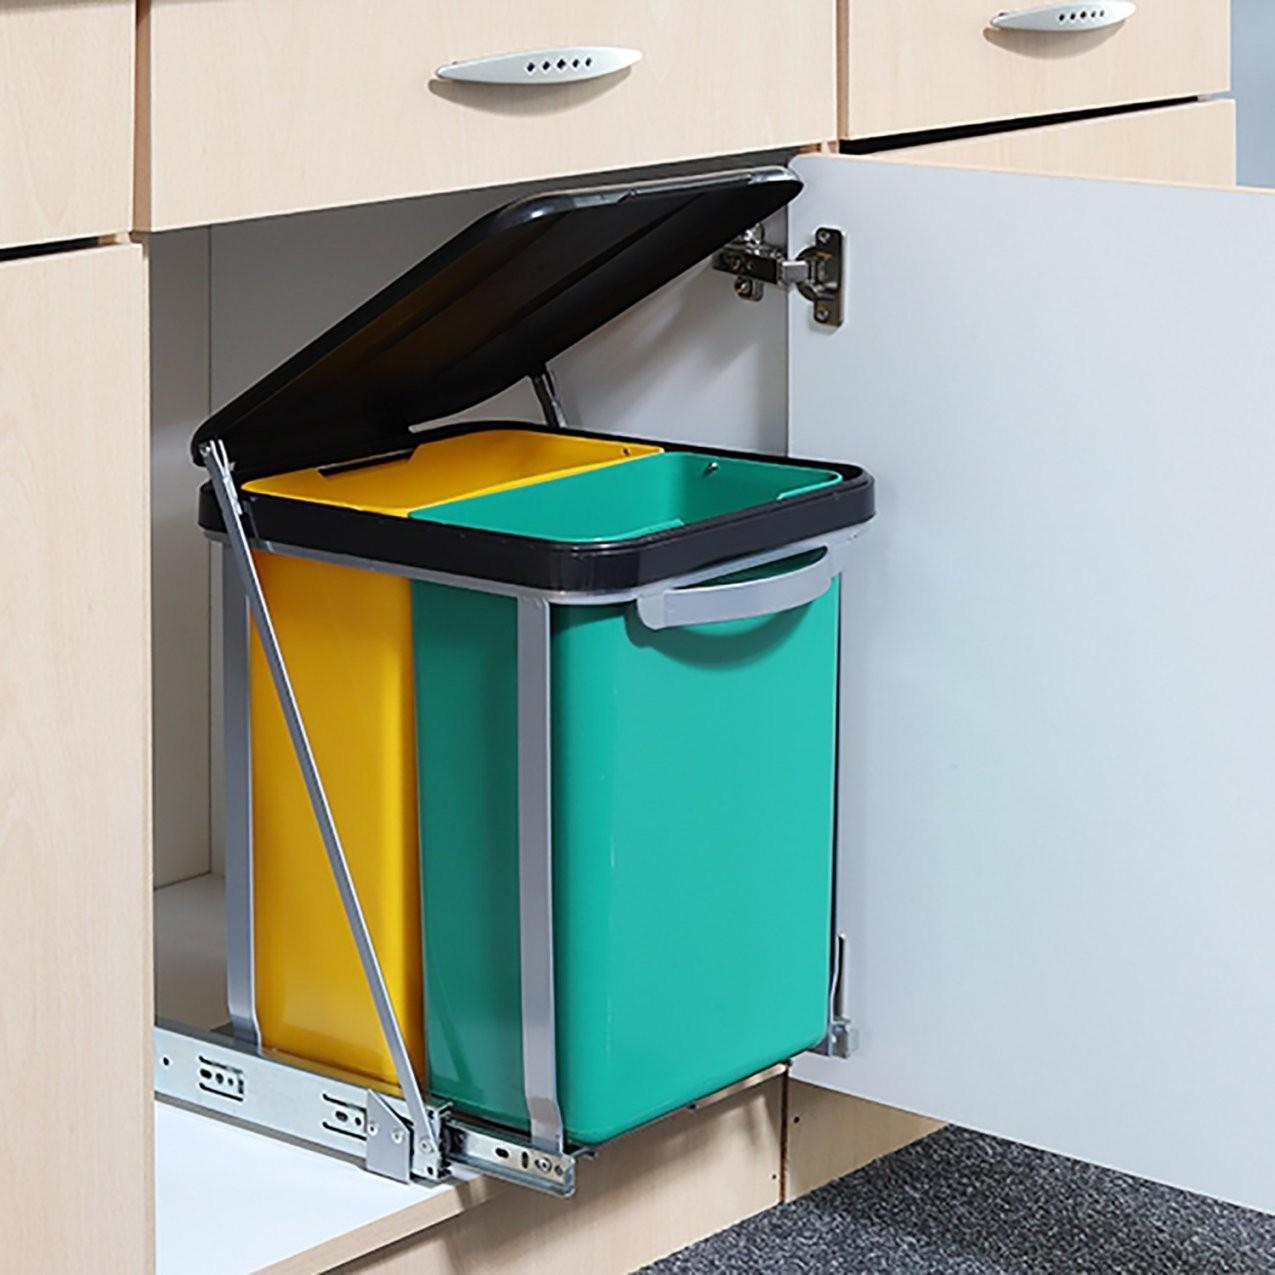 Einbau Mülleimer Küche  Mülleimer Küche Einbau Küchen In Le Smou von Einbaumülleimer Küche Bild